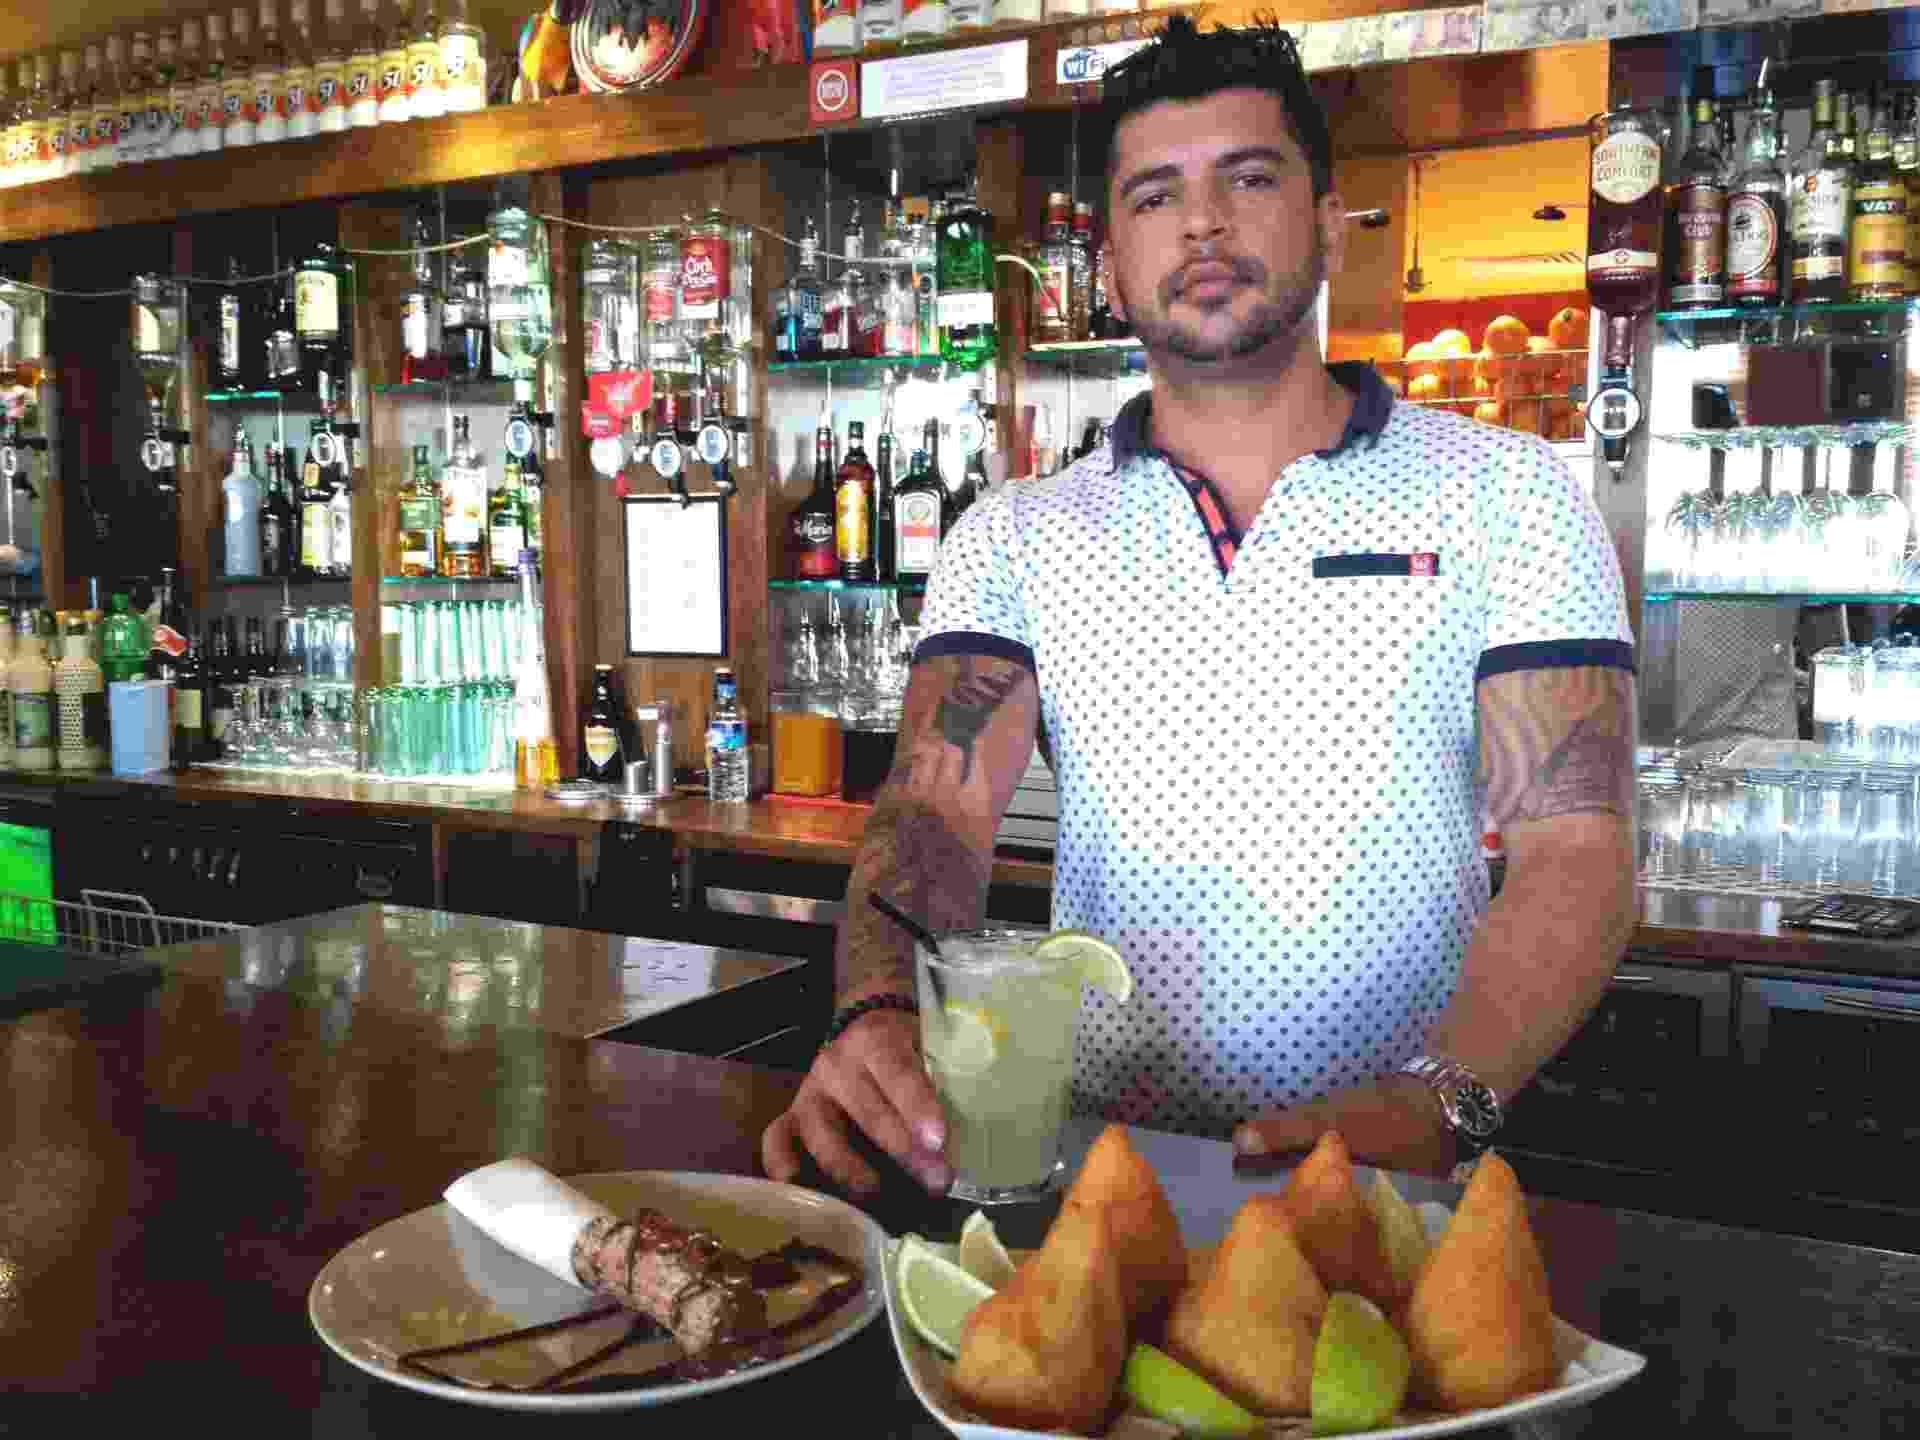 O mineiro Rodrigo Arantes Rocha, 34, entrou de sócio em um bar falido na Irlanda, o D-One, e conseguiu recuperar o negócio usando o tempero e a ginga brasileiros - Flávio Carneiro/UOL